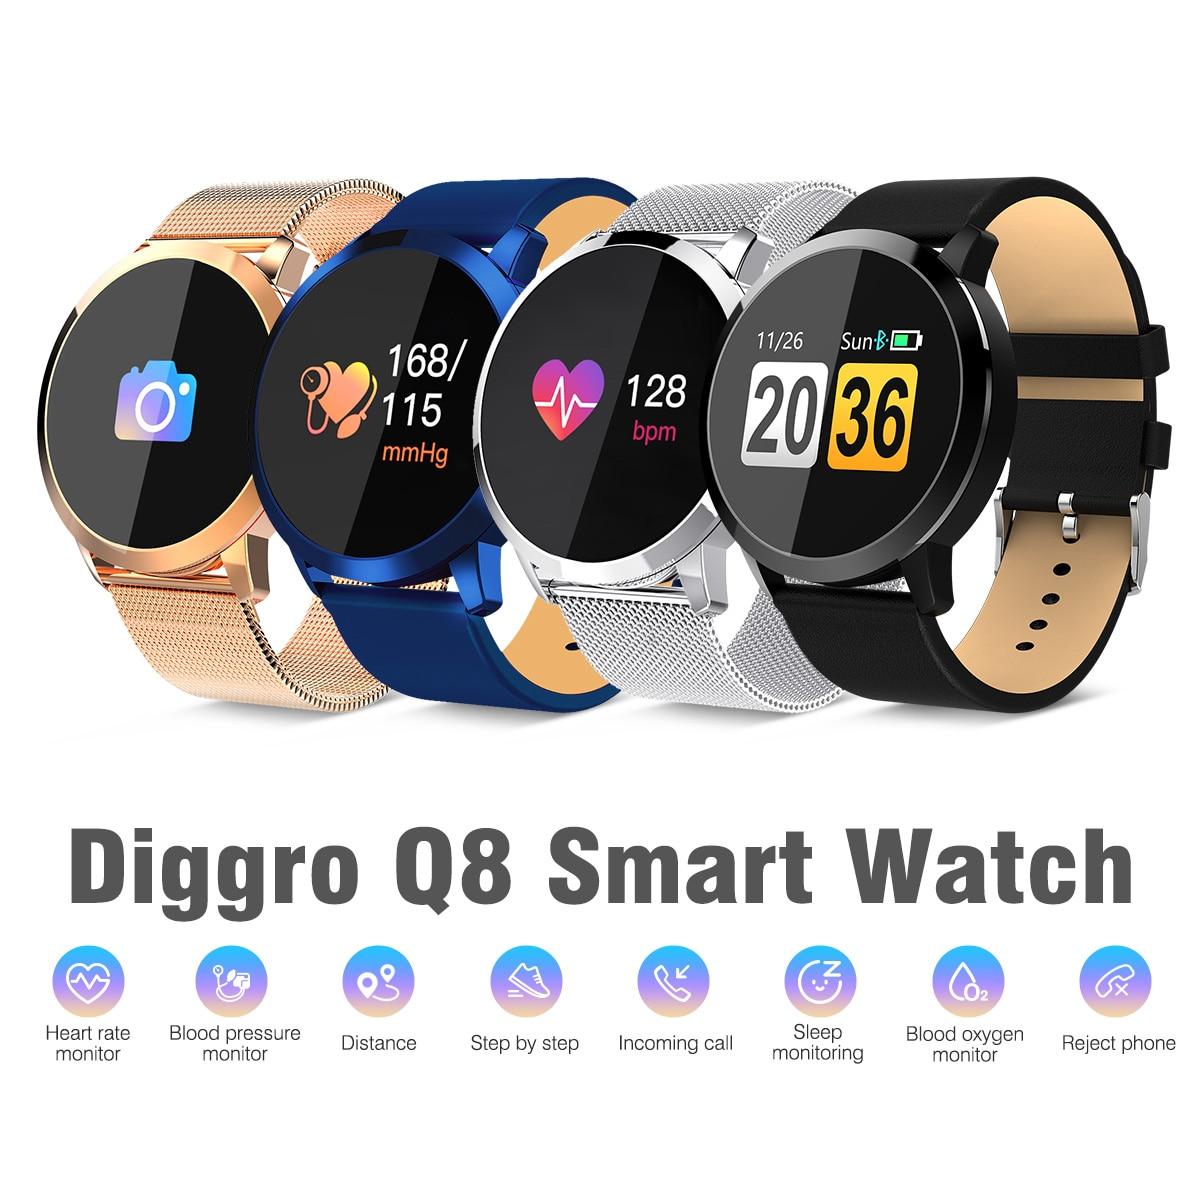 Diggro Q8 Смарт часы умный Мода Электроника Водонепроницаемый Спорт трекер  Фитнес браслет «Умные» часы 0570d2fac6805